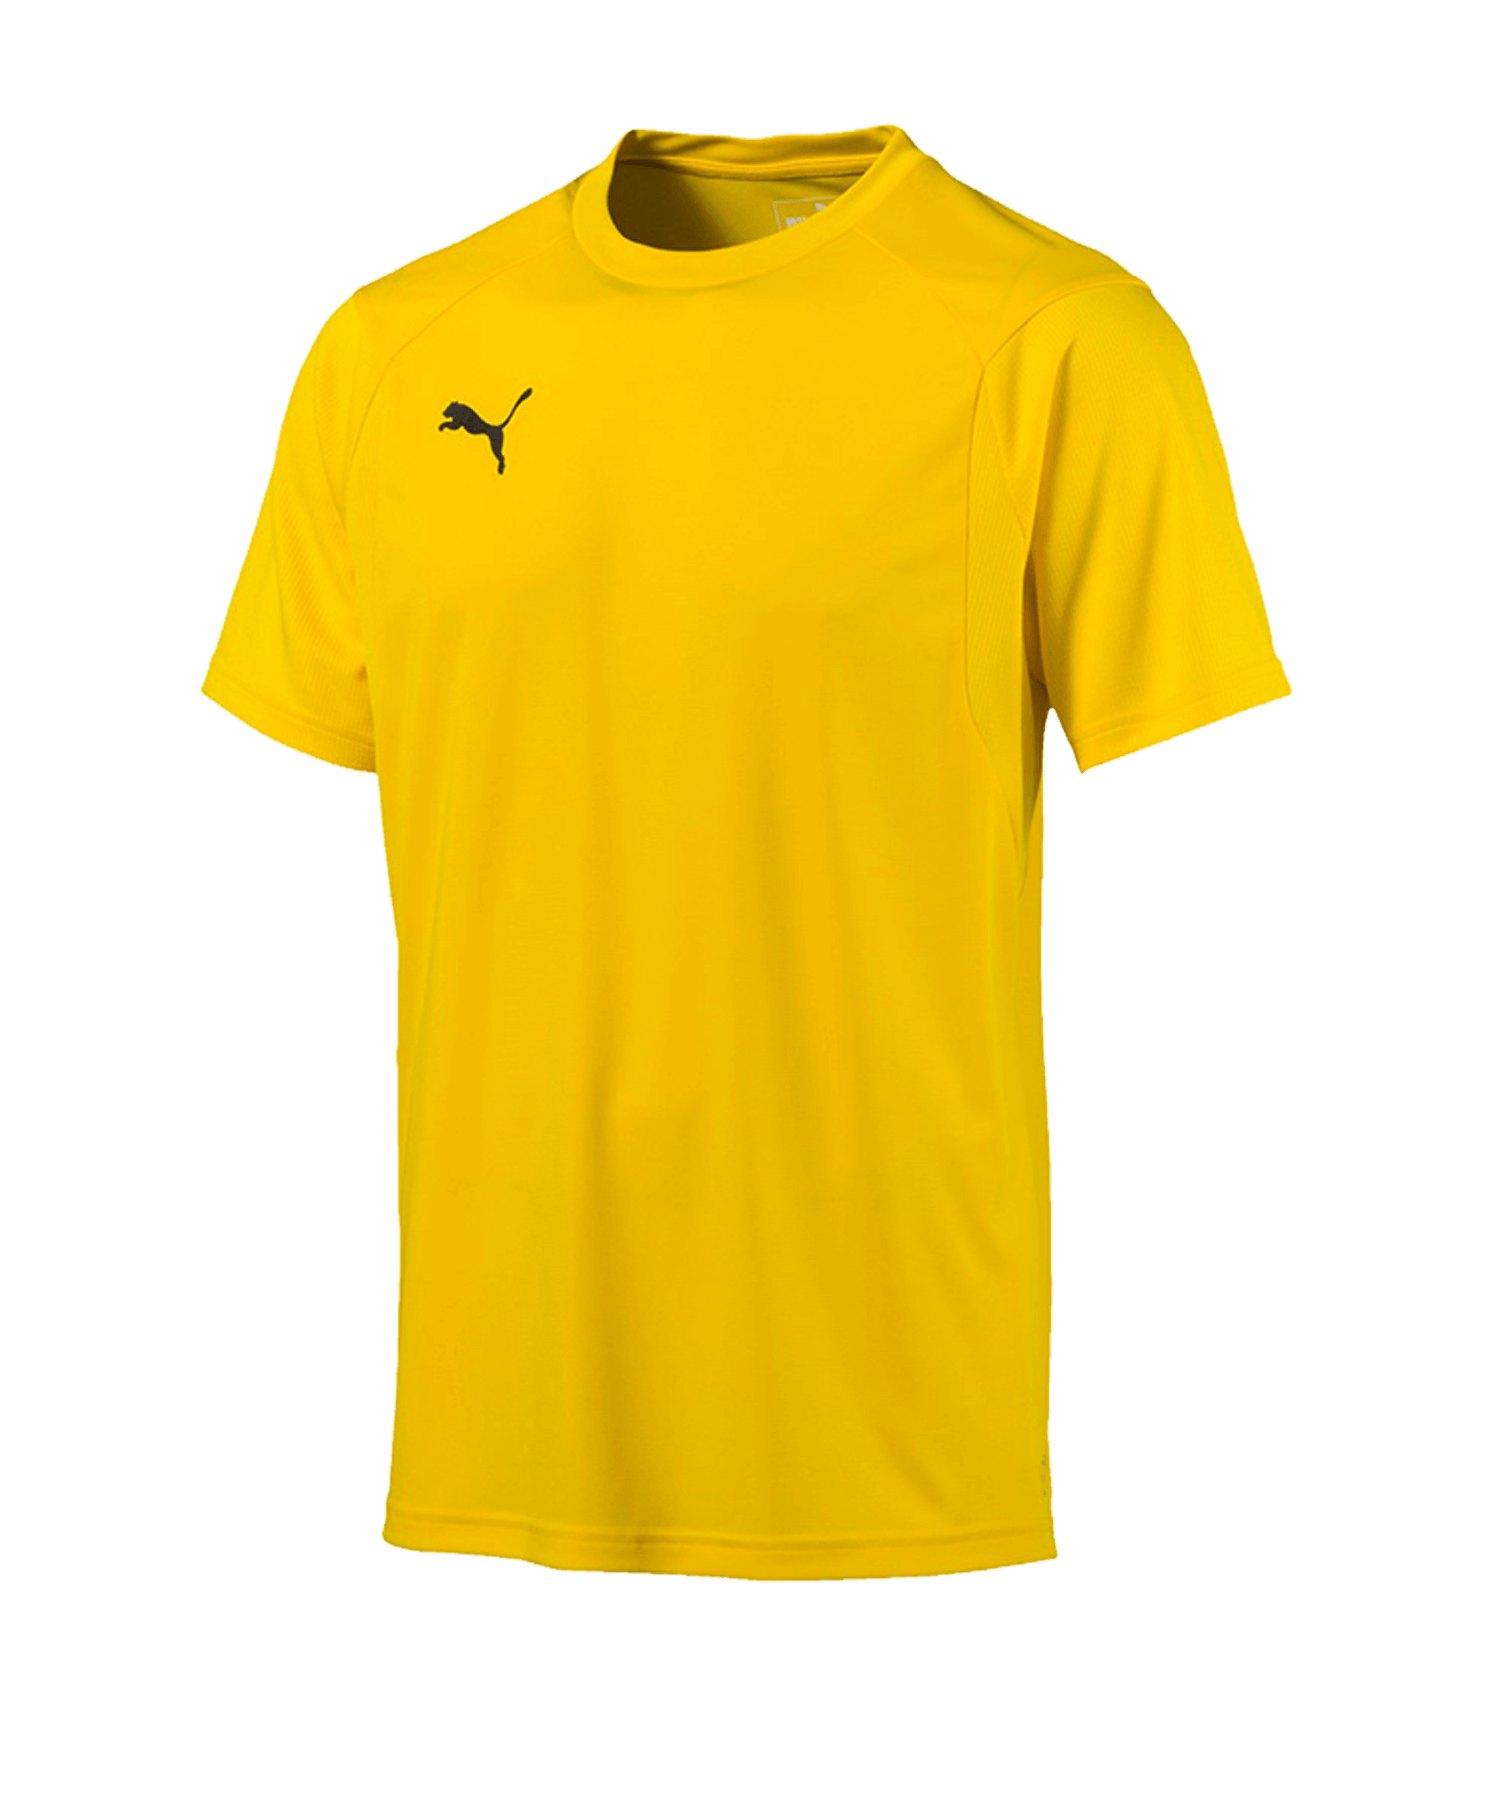 PUMA LIGA Training T-Shirt Gelb F07 - gelb